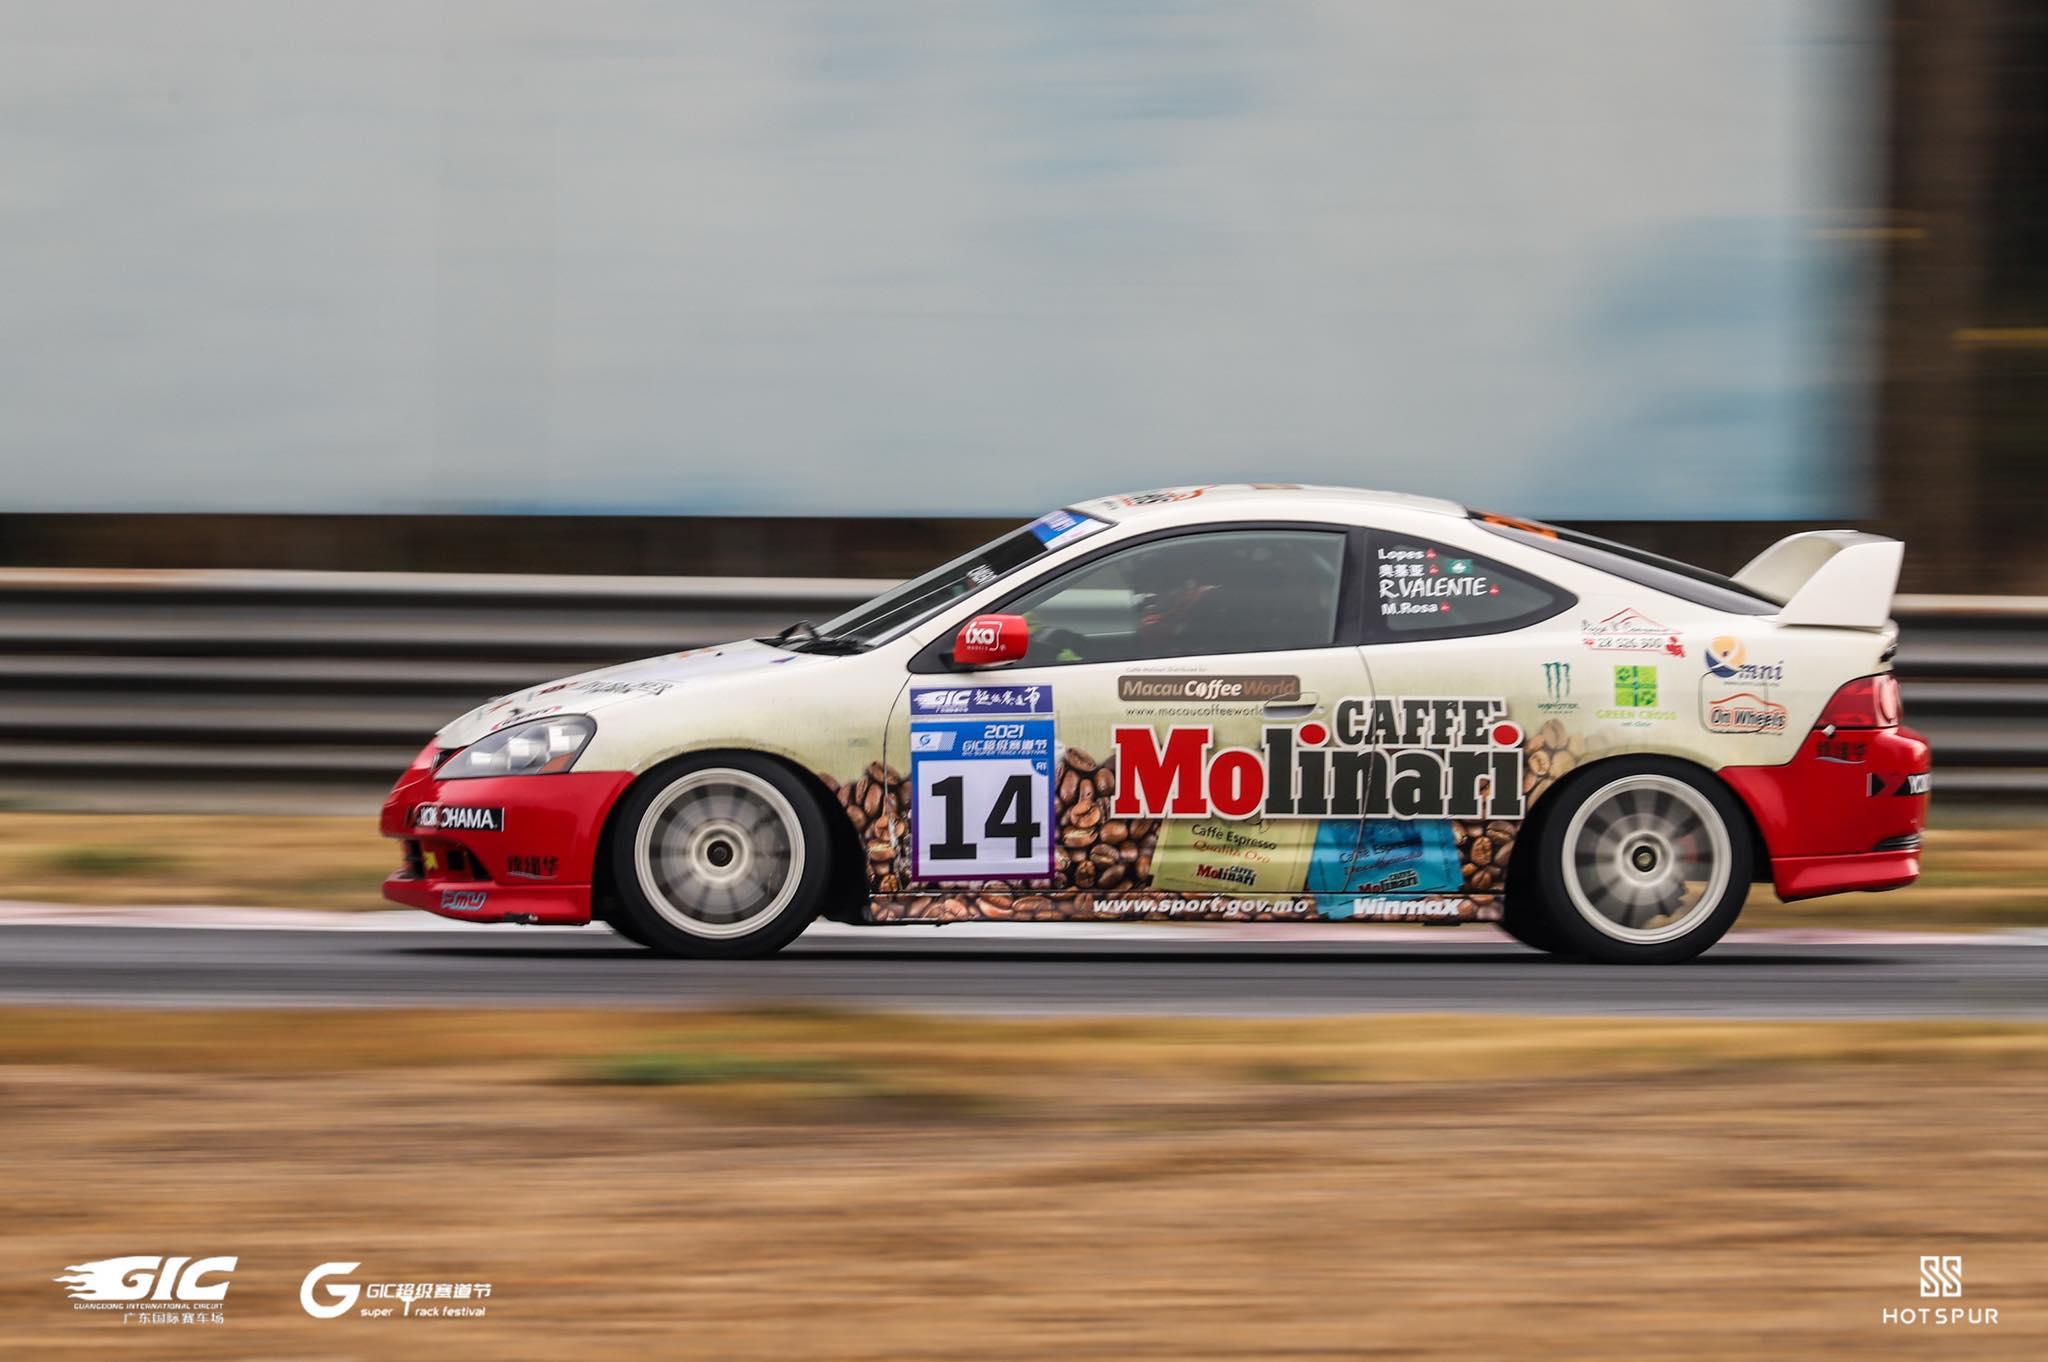 Automobilismo | Rui Valente subiu ao pódio em Guangdong